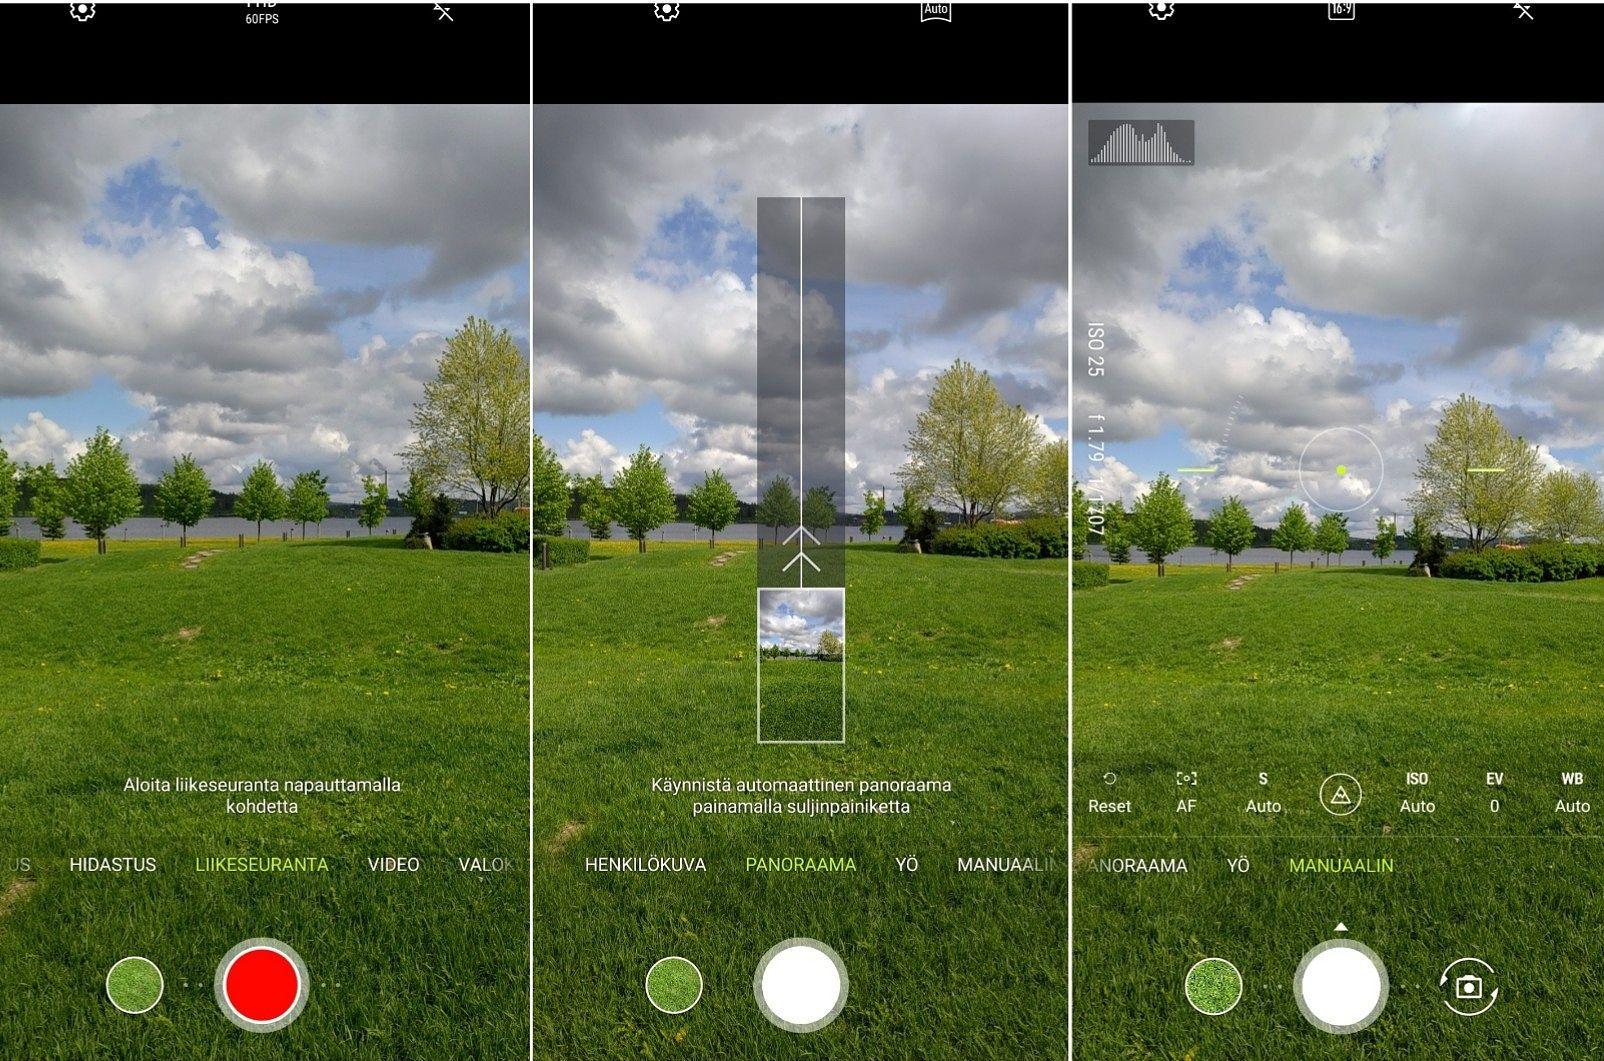 Kameran käyttöliittymä on helppokäyttöinen ja opastaa kuvaajaa. Myös manuaalitila on monipuolinen.